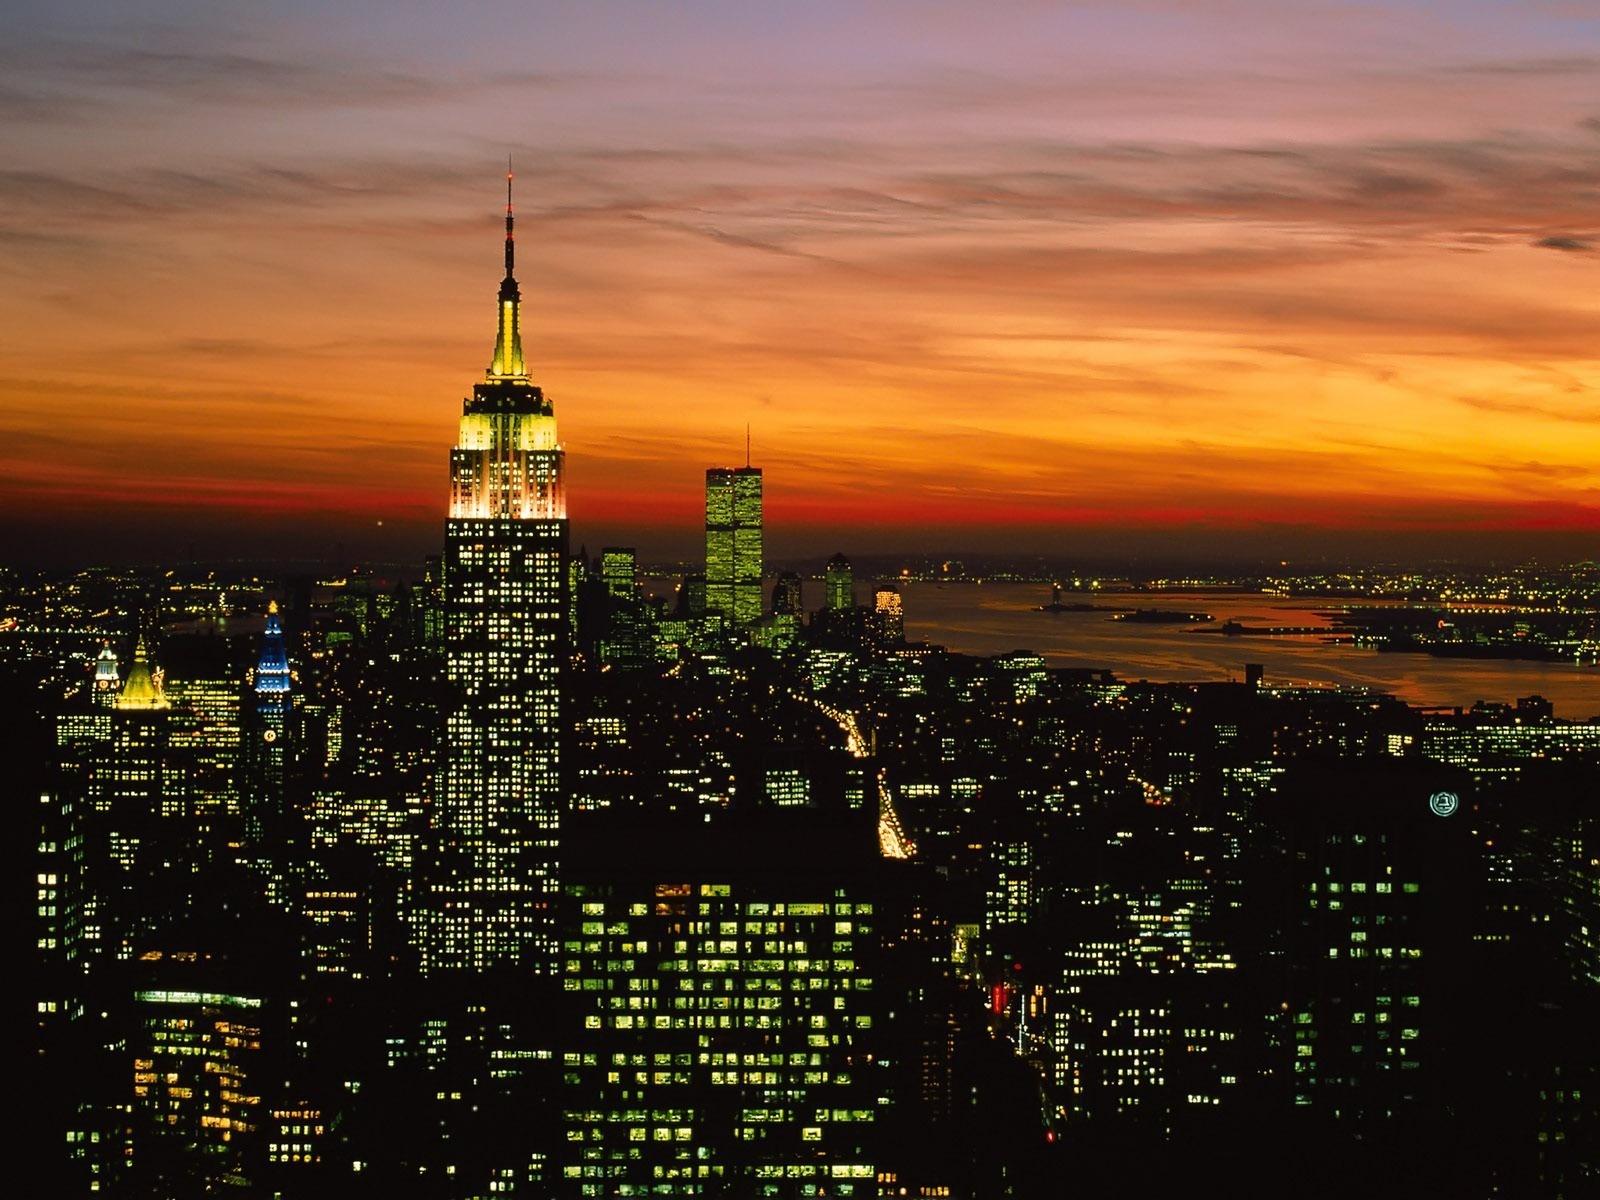 Емпайър стейт билдинг по залез. Една от емблематичните сгради в Ню Йорк, САЩ и в света като цяло.